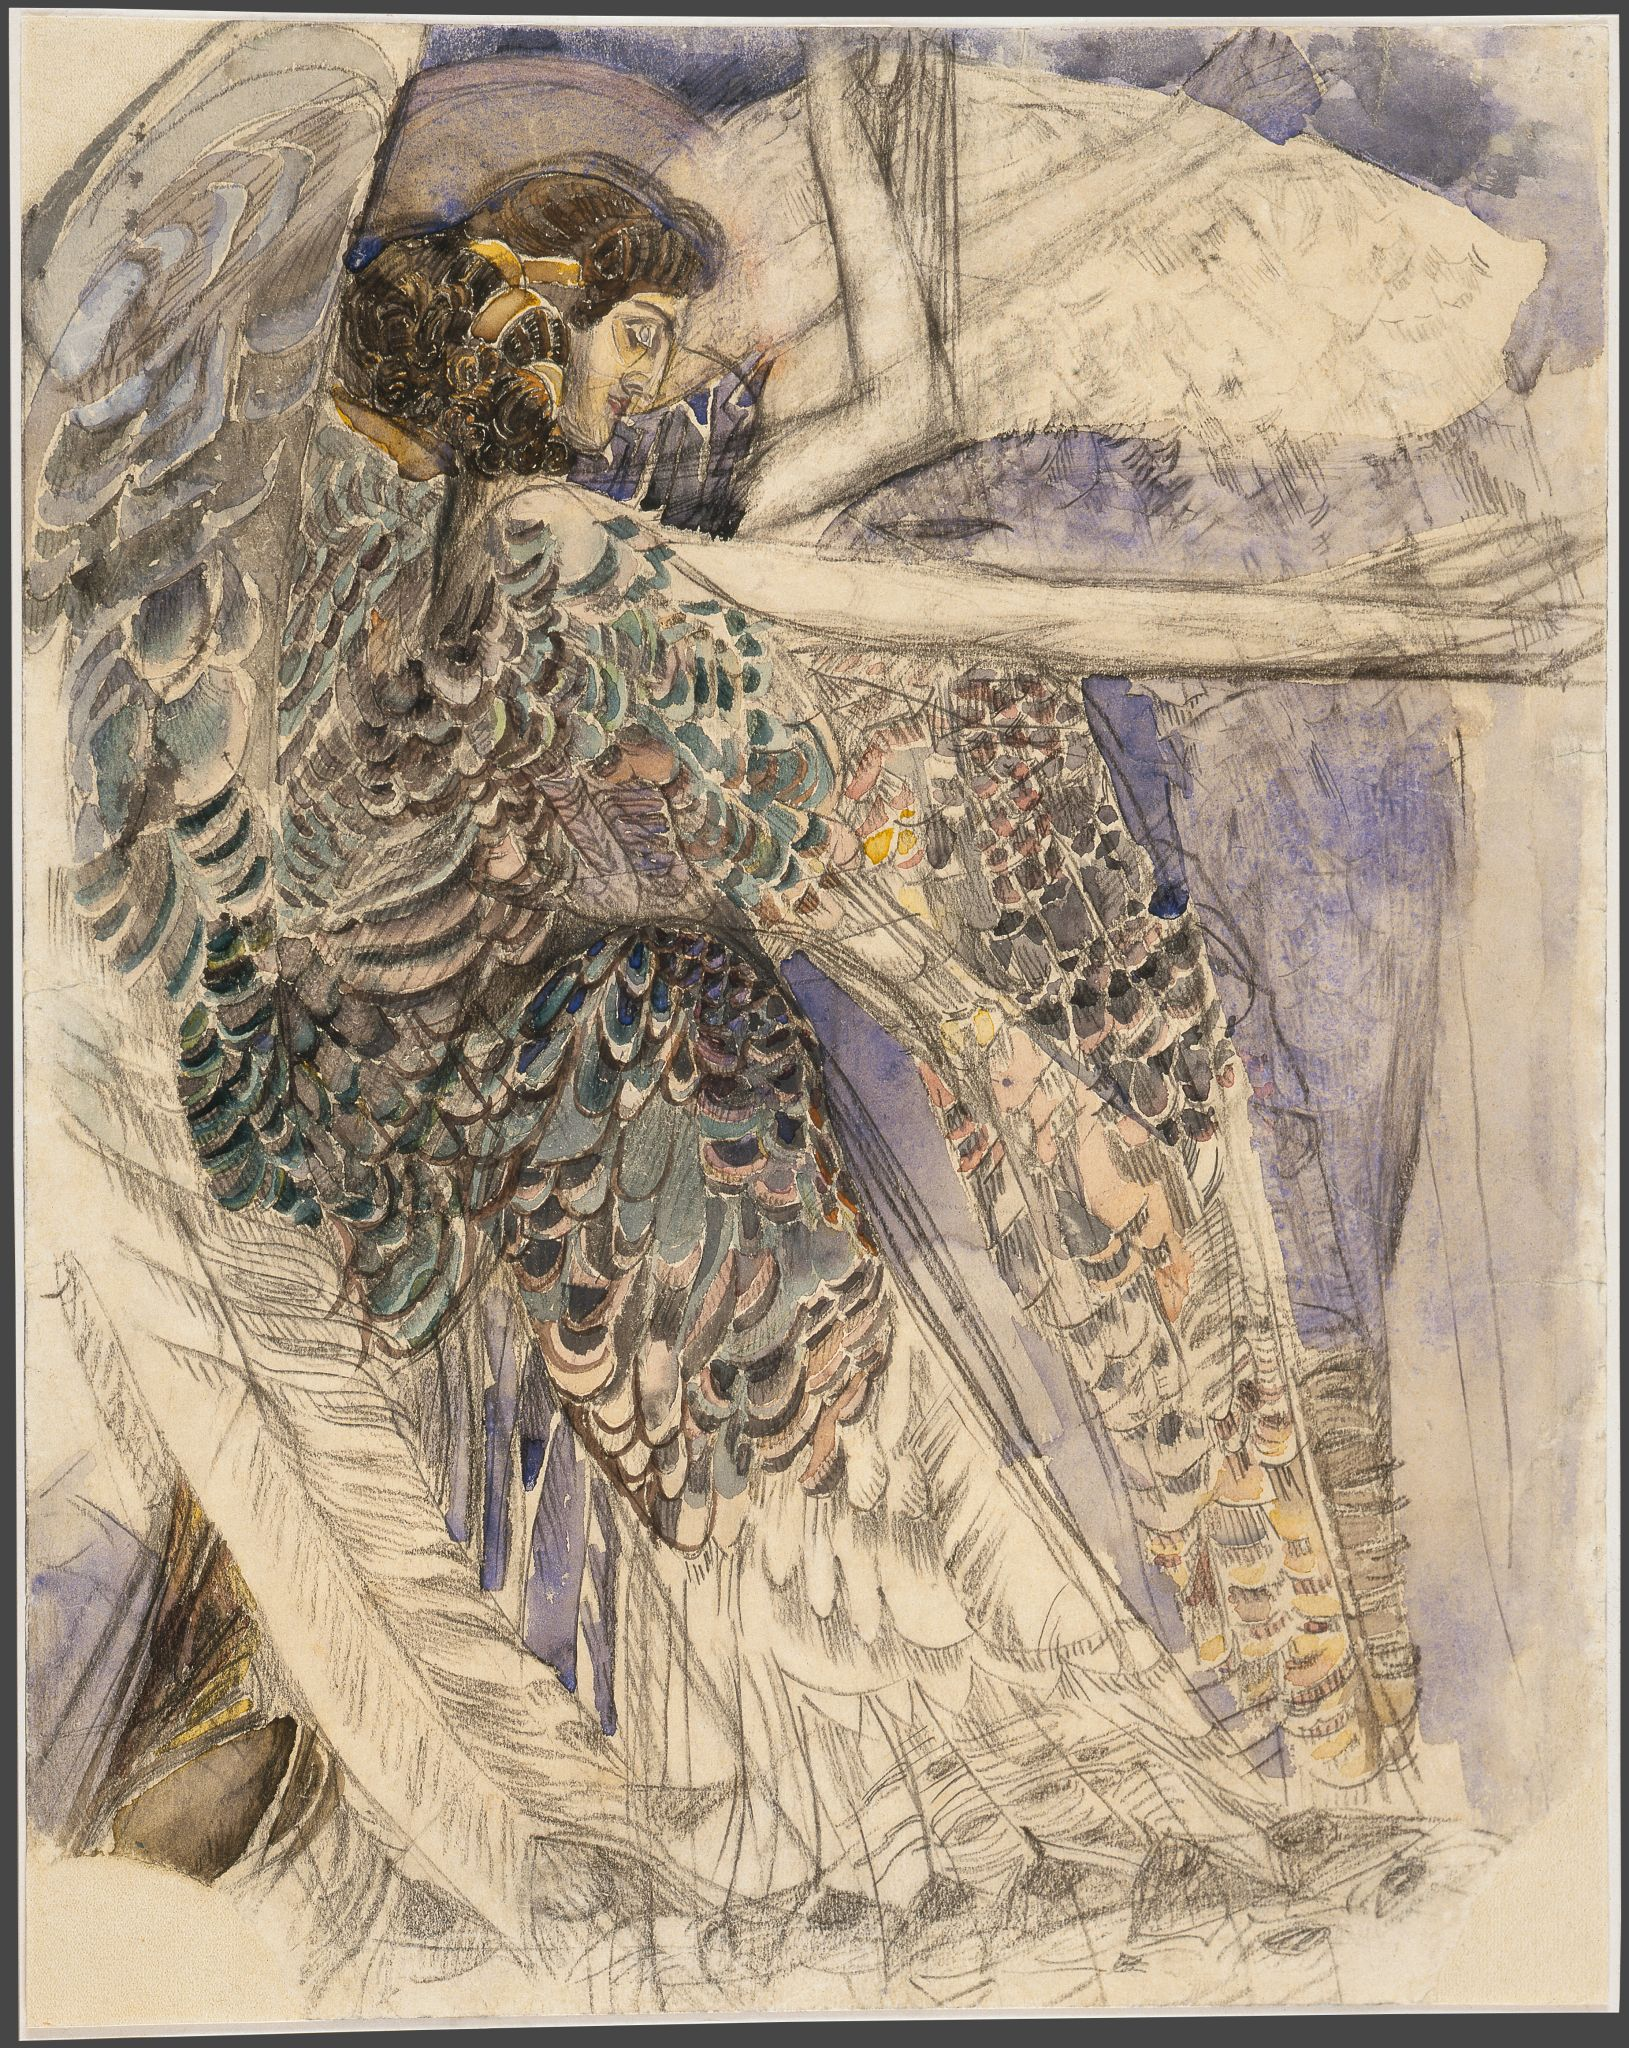 Михаил Врубель. Серафим, 1904-1905